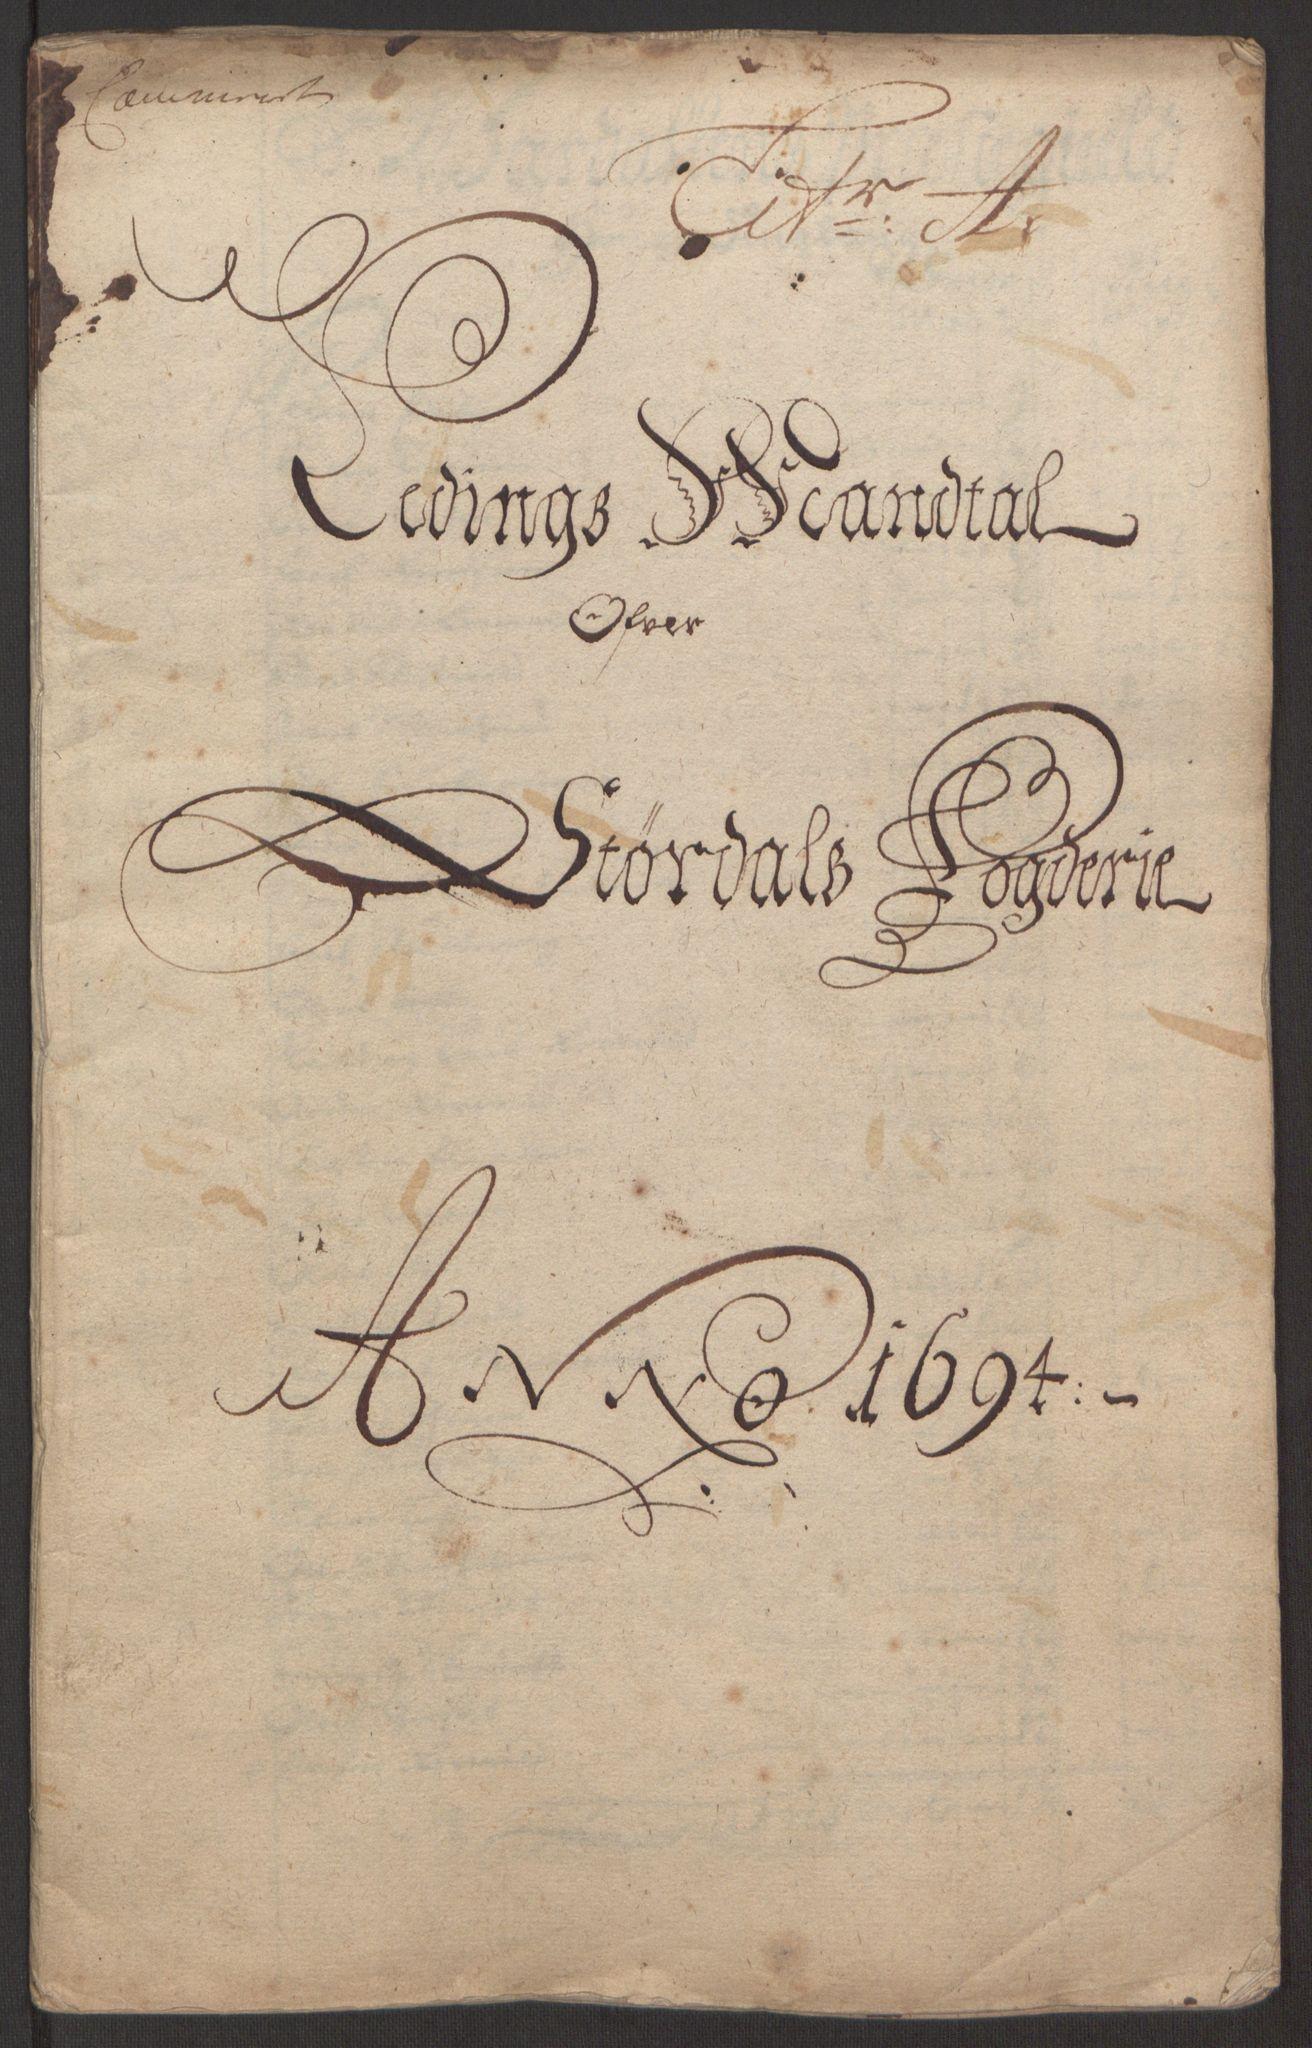 RA, Rentekammeret inntil 1814, Reviderte regnskaper, Fogderegnskap, R62/L4186: Fogderegnskap Stjørdal og Verdal, 1693-1694, s. 164